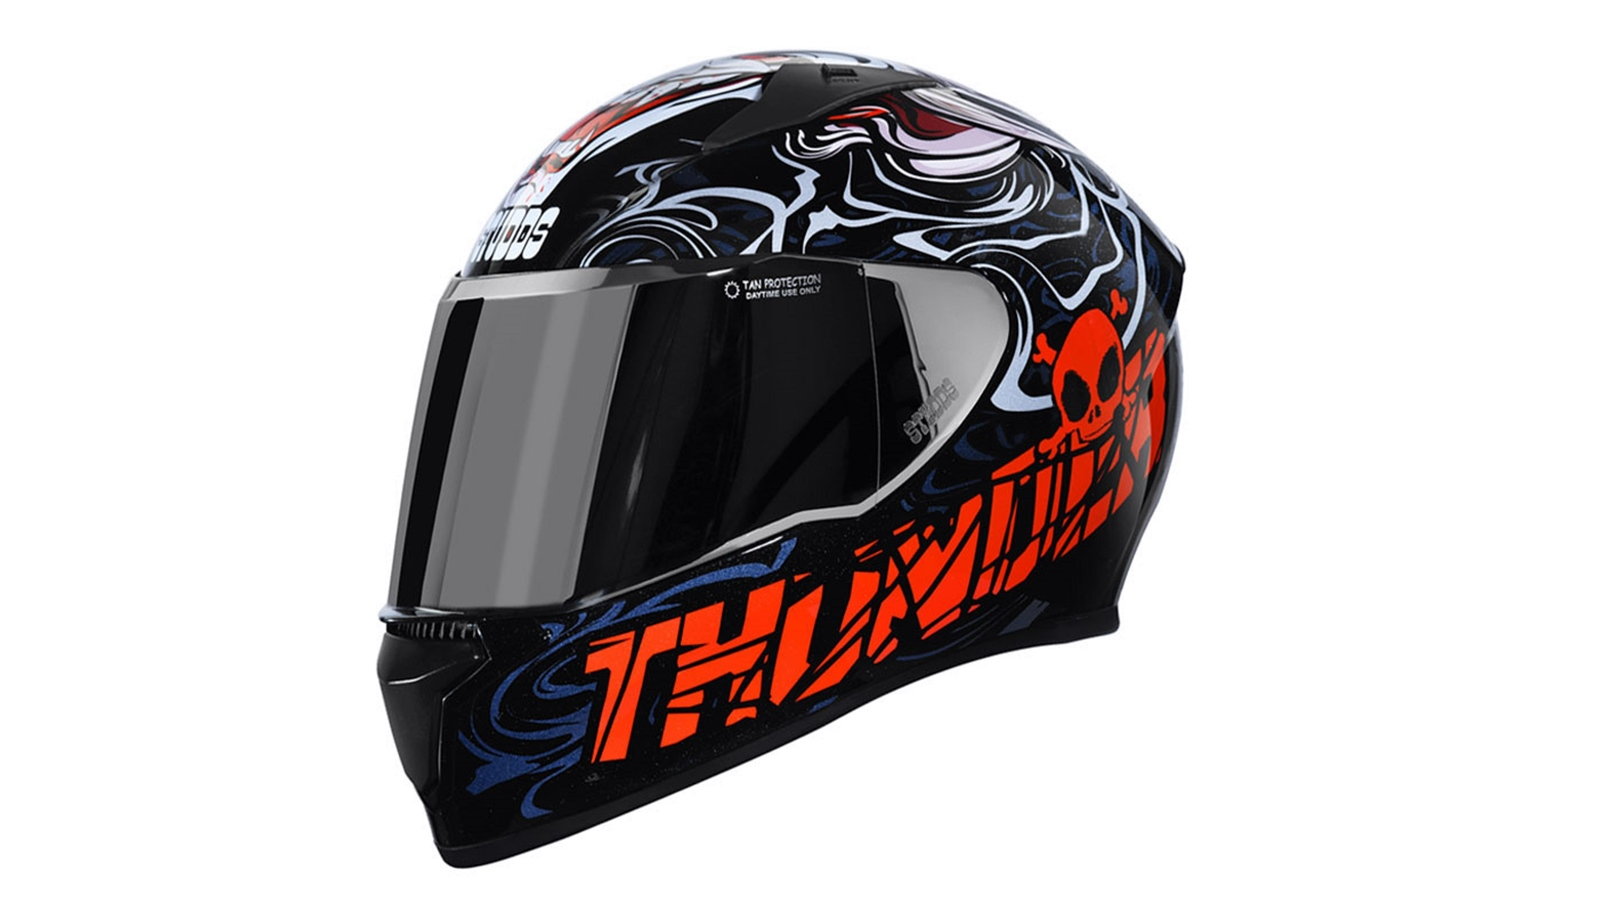 STUDDS Thunder D9 Decor full face helmet D9-BLACK-N2